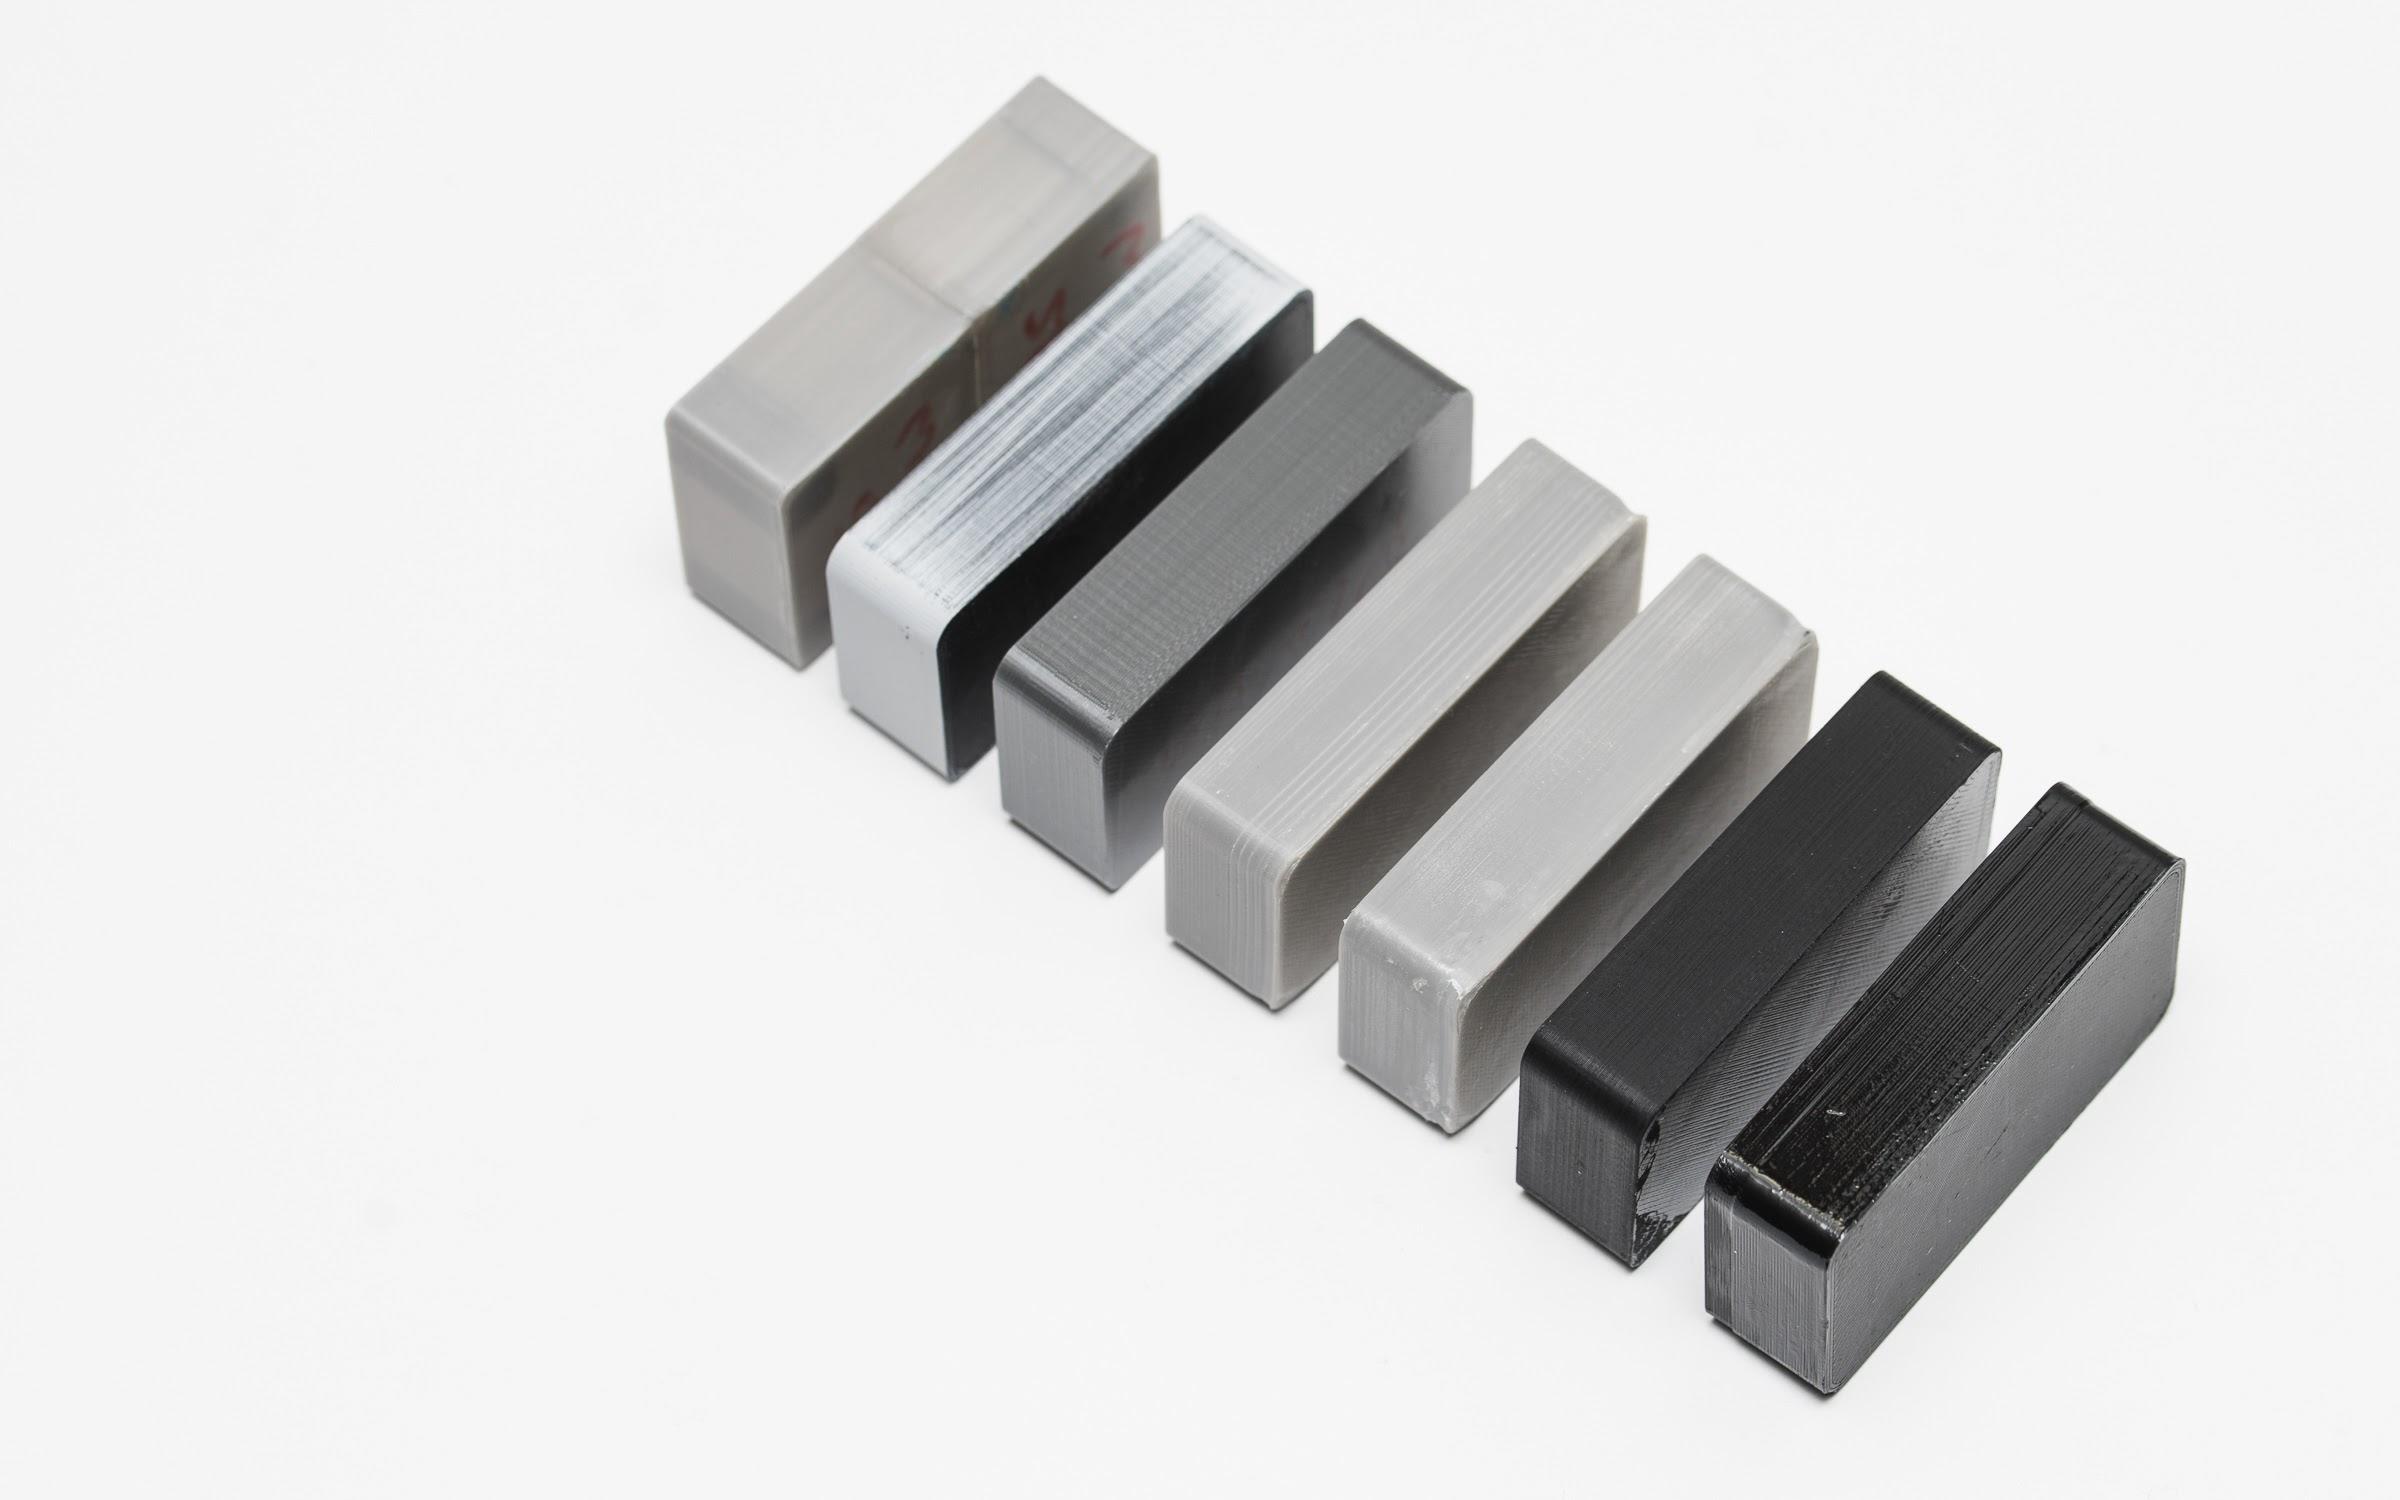 (از چپ به راست) قطعه پرینت سه بعدی شده با ساپورت های متصل، جدا کردن ضعیفِ ساپورت ها از قطعه، به خوبی جدا کردن ساپورت ها از قطعه.